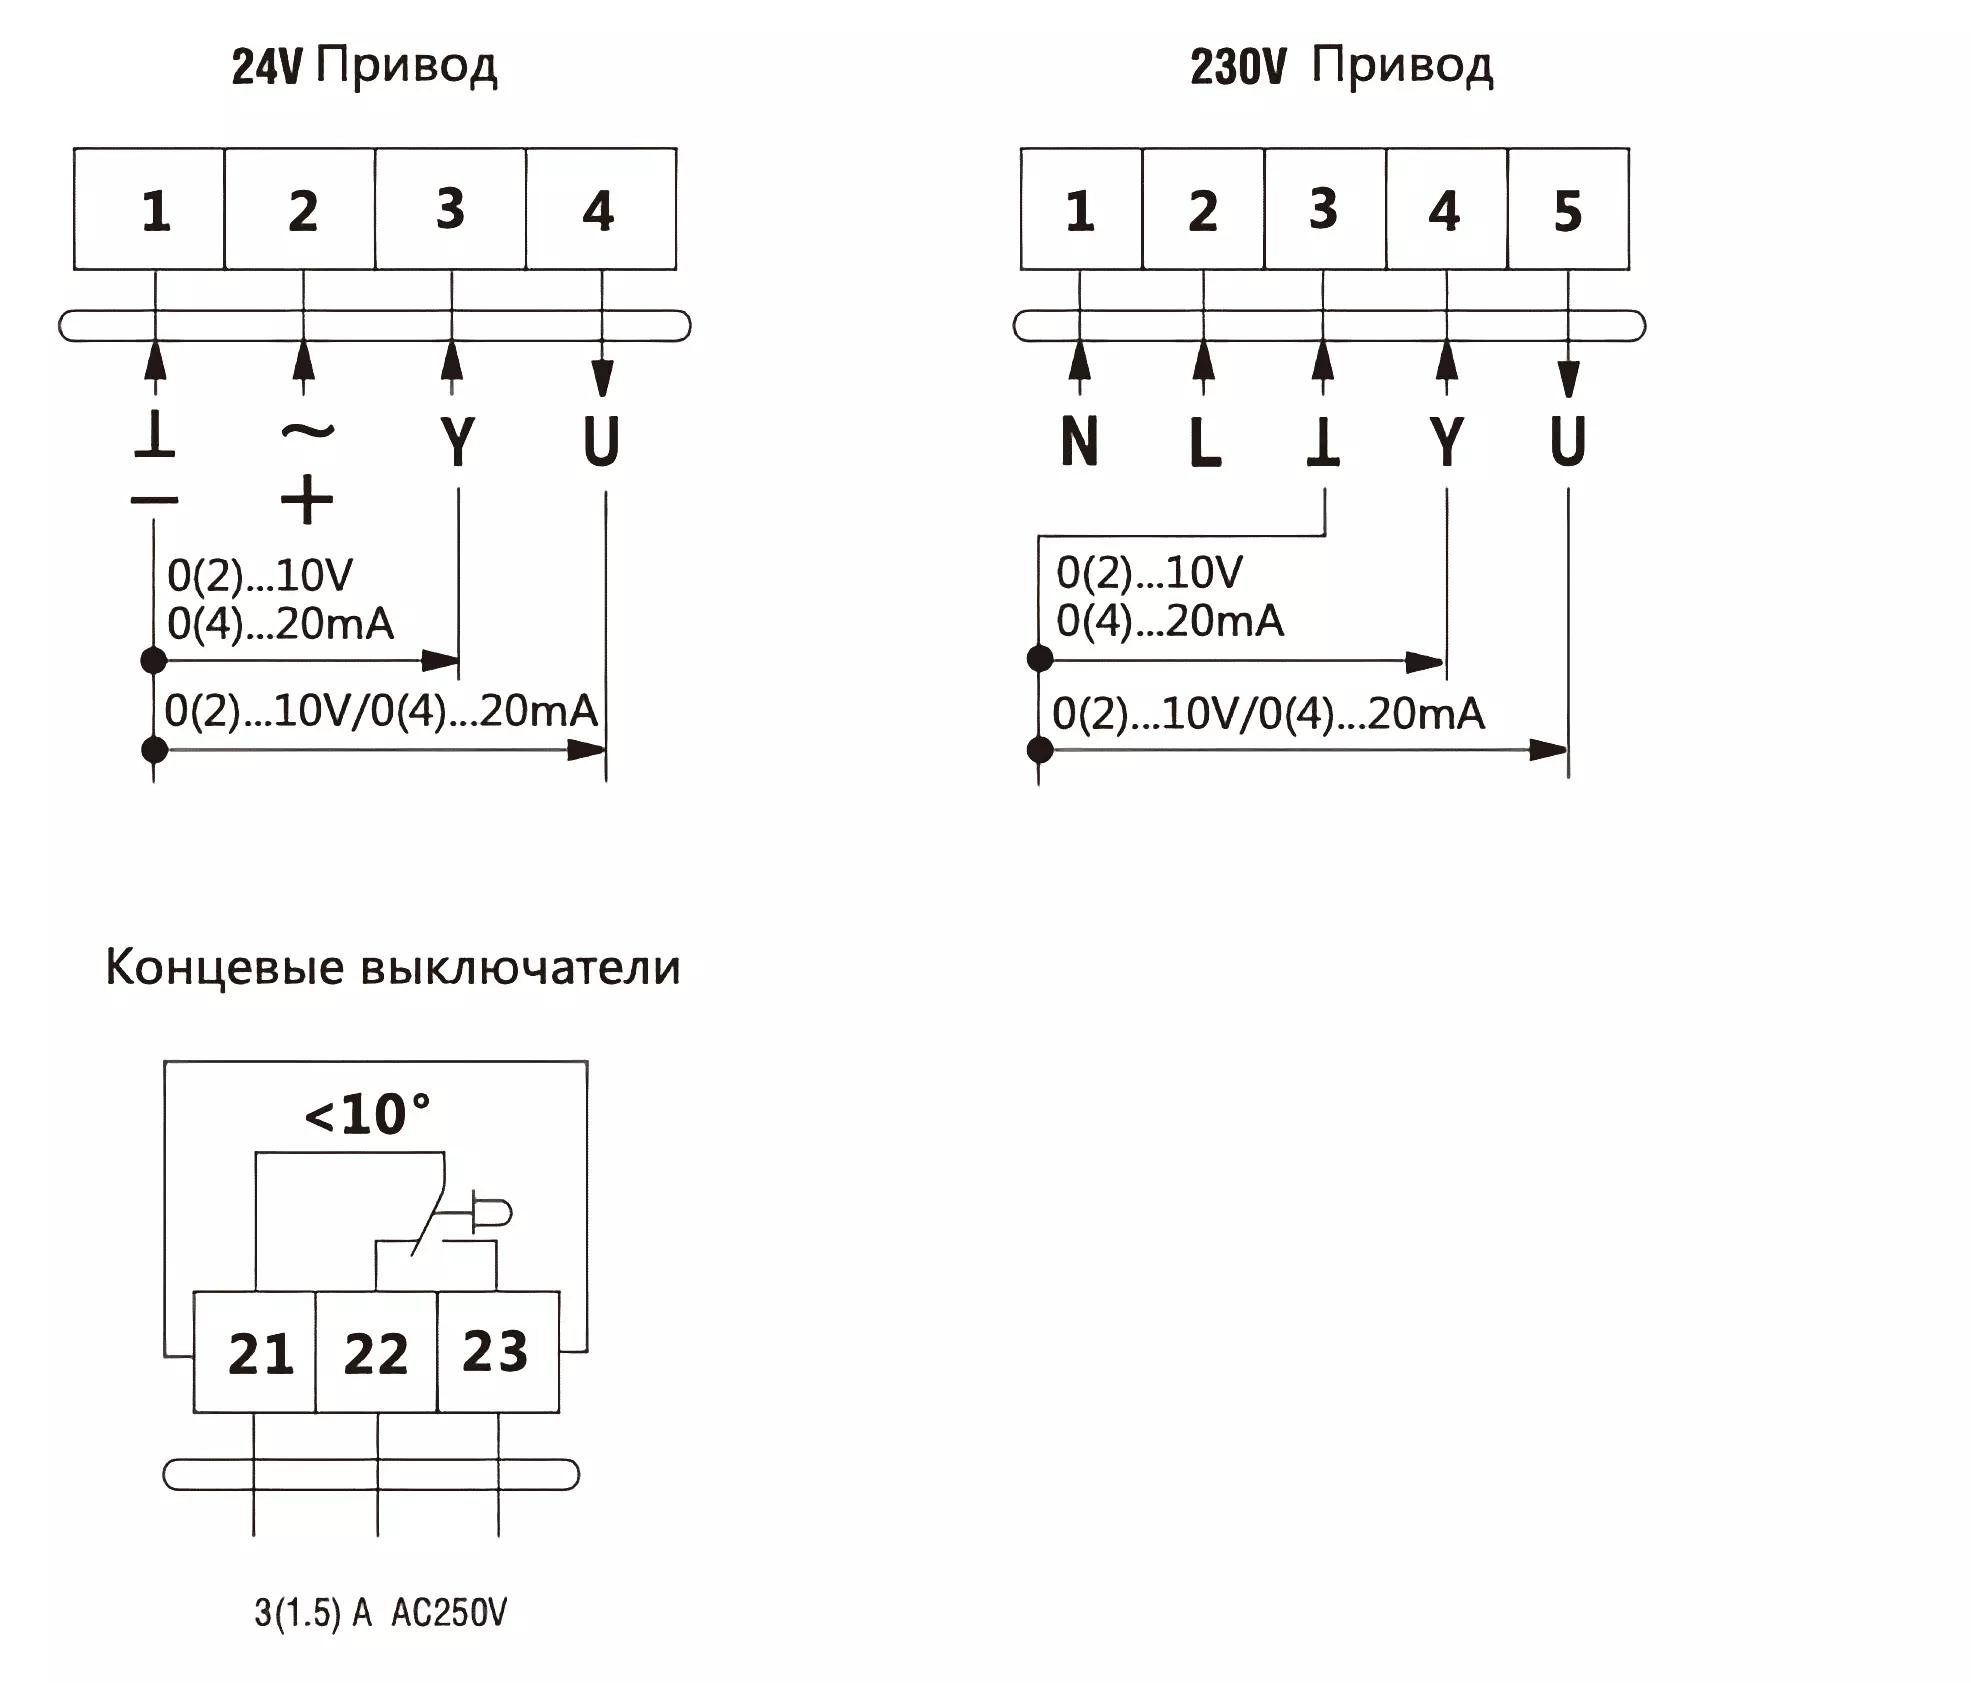 схема подключения da2mu24-a